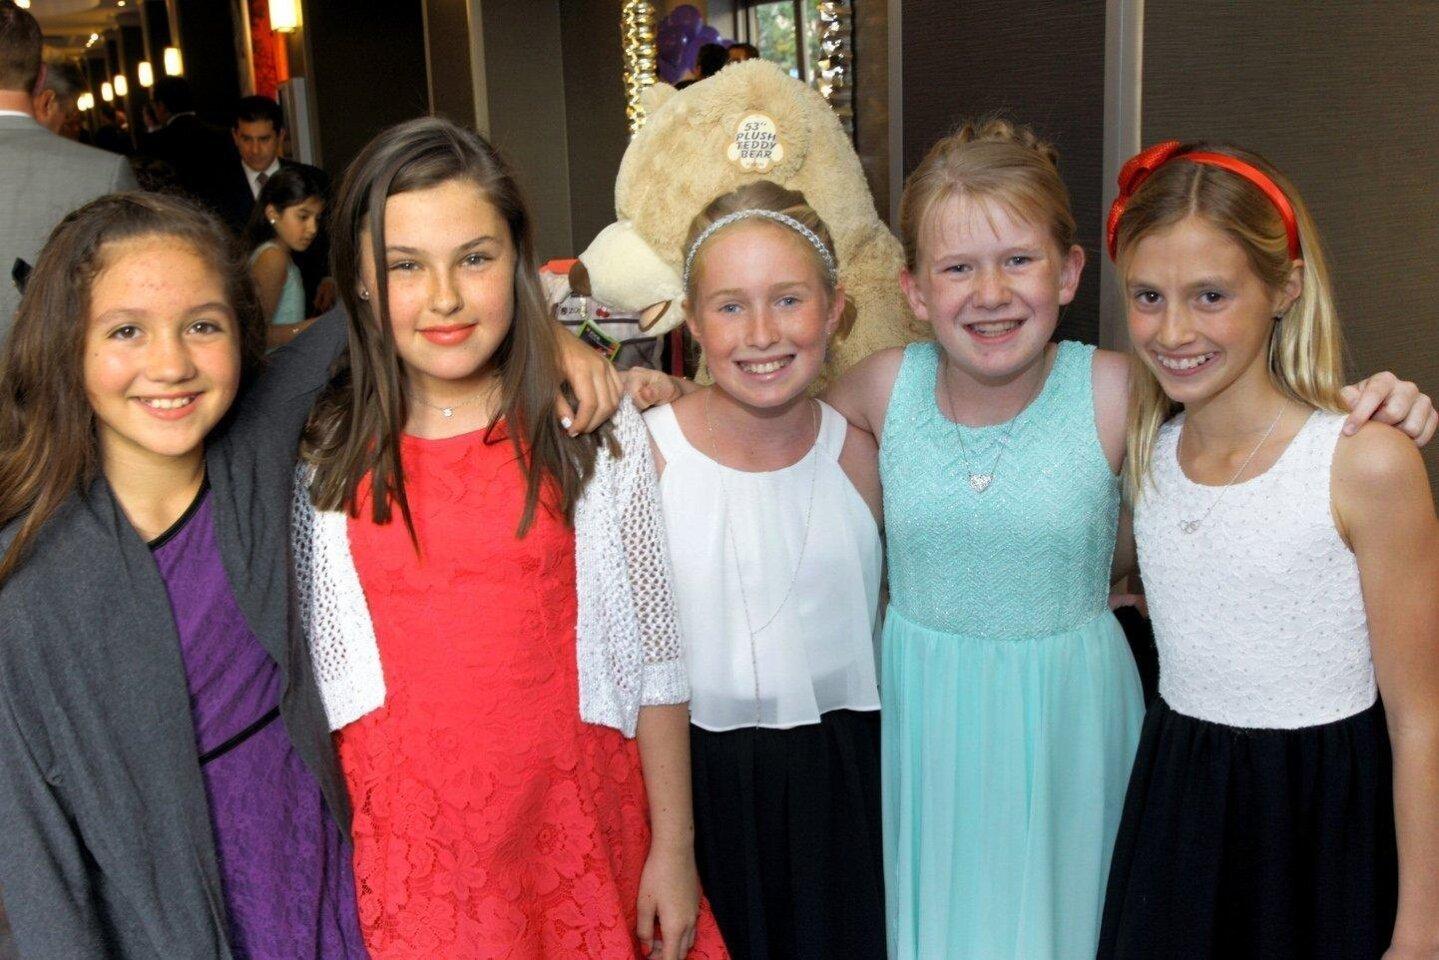 Keilani Miller, Sophie Dunn, Faith Bigelow, Maia Lambson, Chloe Briggs